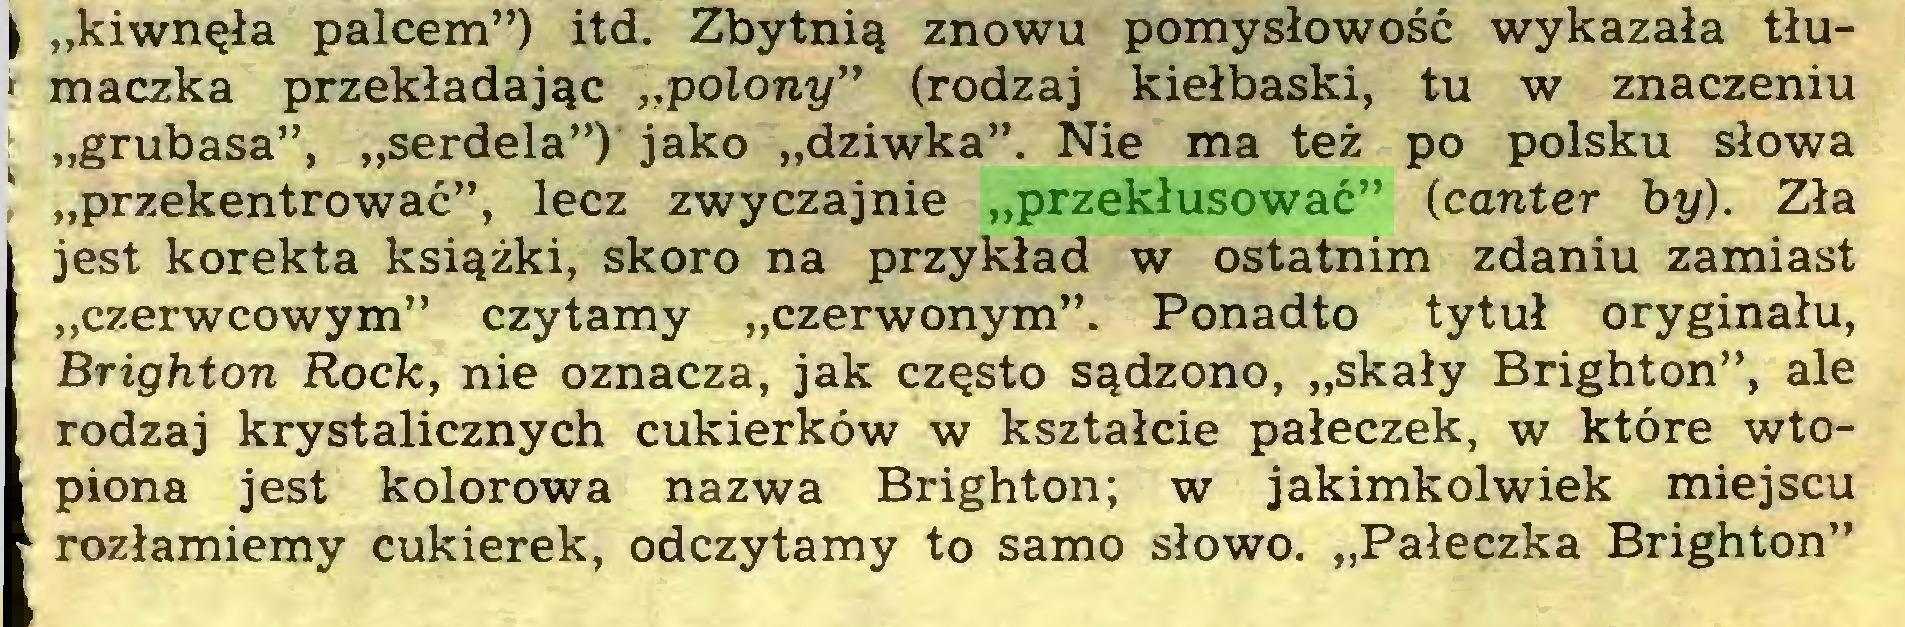 """(...) \ """"kiwnęła palcem"""") itd. Zbytnią znowu pomysłowość wykazała tłu' mączką przekładając """"polony"""" (rodzaj kiełbaski, tu w znaczeniu ! """"grubasa"""", """"serdela"""") jako """"dziwka"""". Nie ma też po polsku słowa """"przekentrować"""", lecz zwyczajnie """"przekłusować"""" (canter by). Zła jest korekta książki, skoro na przykład w ostatnim zdaniu zamiast """"czerwcowym"""" czytamy """"czerwonym"""". Ponadto tytuł oryginału, Brighton Rock, nie oznacza, jak często sądzono, """"skały Brighton"""", ale rodzaj krystalicznych cukierków w kształcie pałeczek, w które wtopiona jest kolorowa nazwa Brighton; w jakimkolwiek miejscu 1 rozłamiemy cukierek, odczytamy to samo słowo. """"Pałeczka Brighton""""..."""